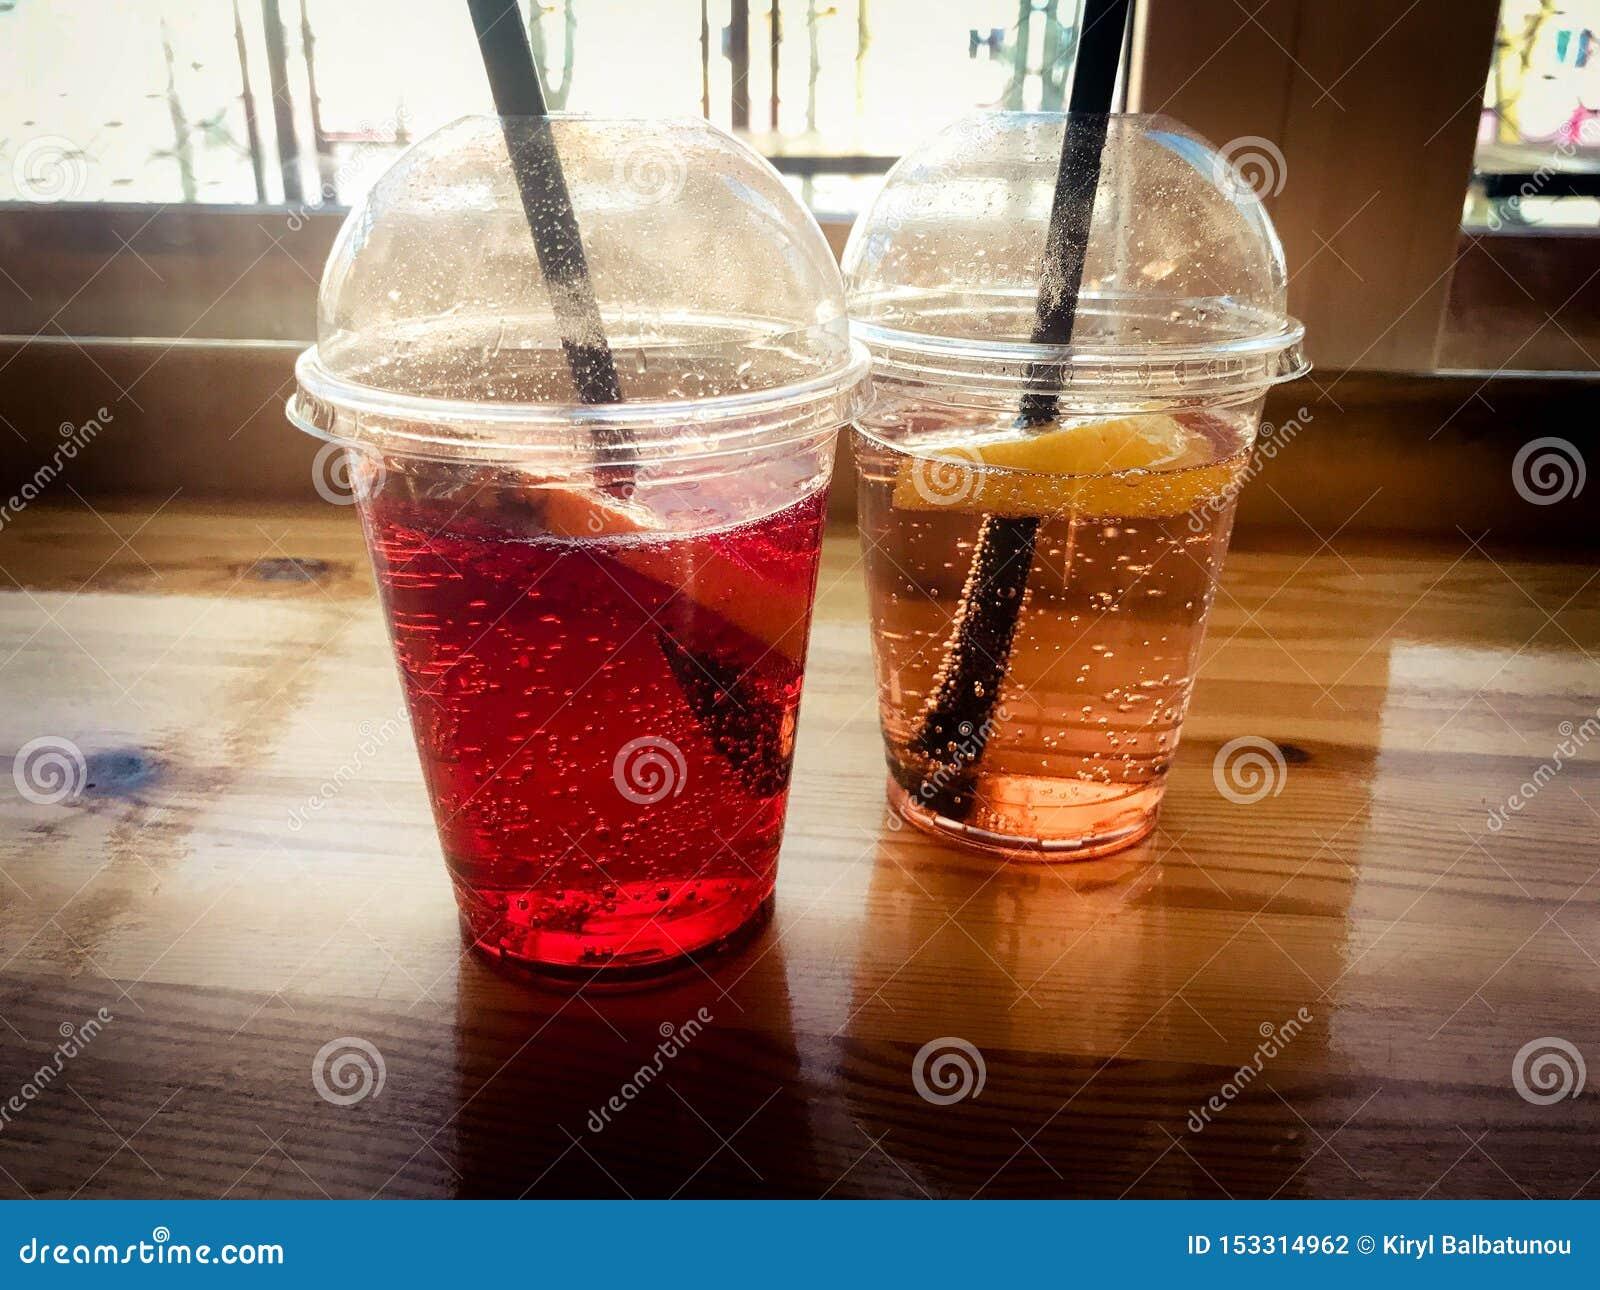 Zwei Gläser rote und gelbe erneuernde kalte geschmackvolle süße Himbeererdbeerkirschorange Pfirsichzitronen-Fruchtplastiklimonade